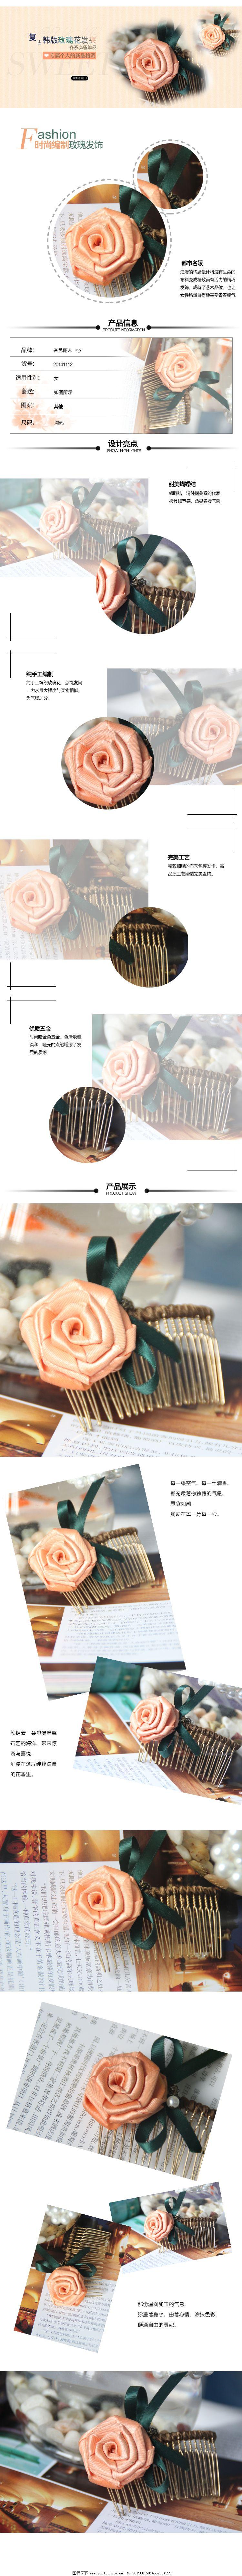 甜美女生森系玫瑰花发卡海报详情页模版